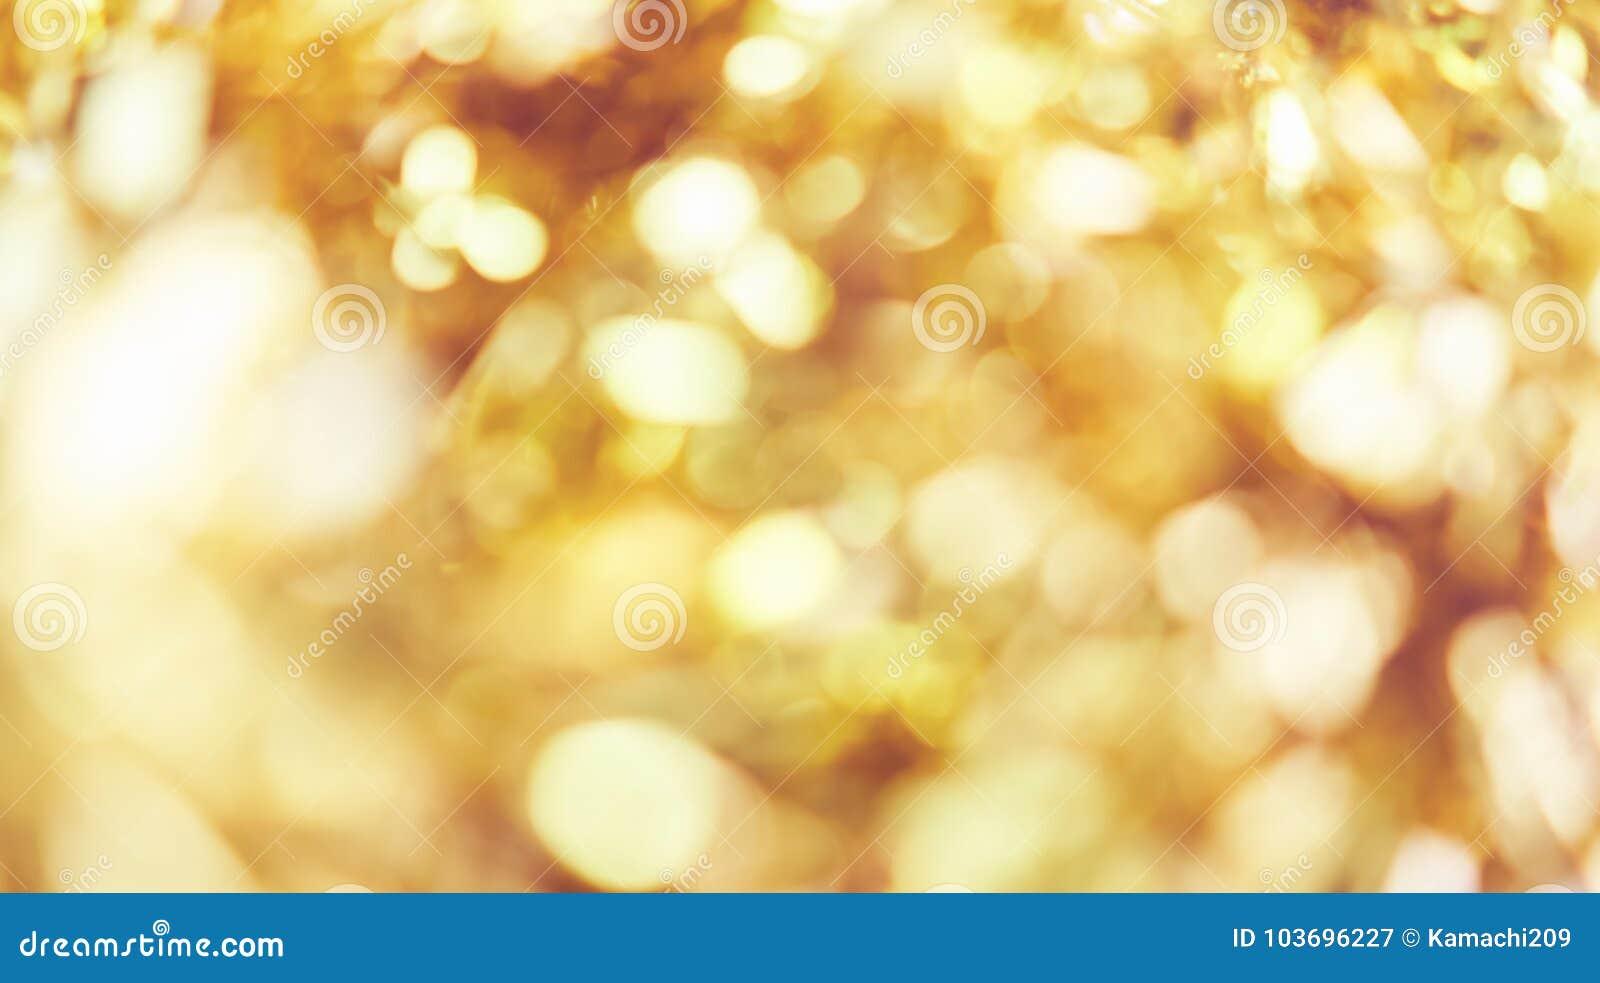 Υπόβαθρο θαμπάδων του χρυσού φωτός χρώματος bokeh, δημοφιλές στο γενικό φεστιβάλ Κάνετε την εικόνα πολυτέλειας στο κομμάτι εργασί